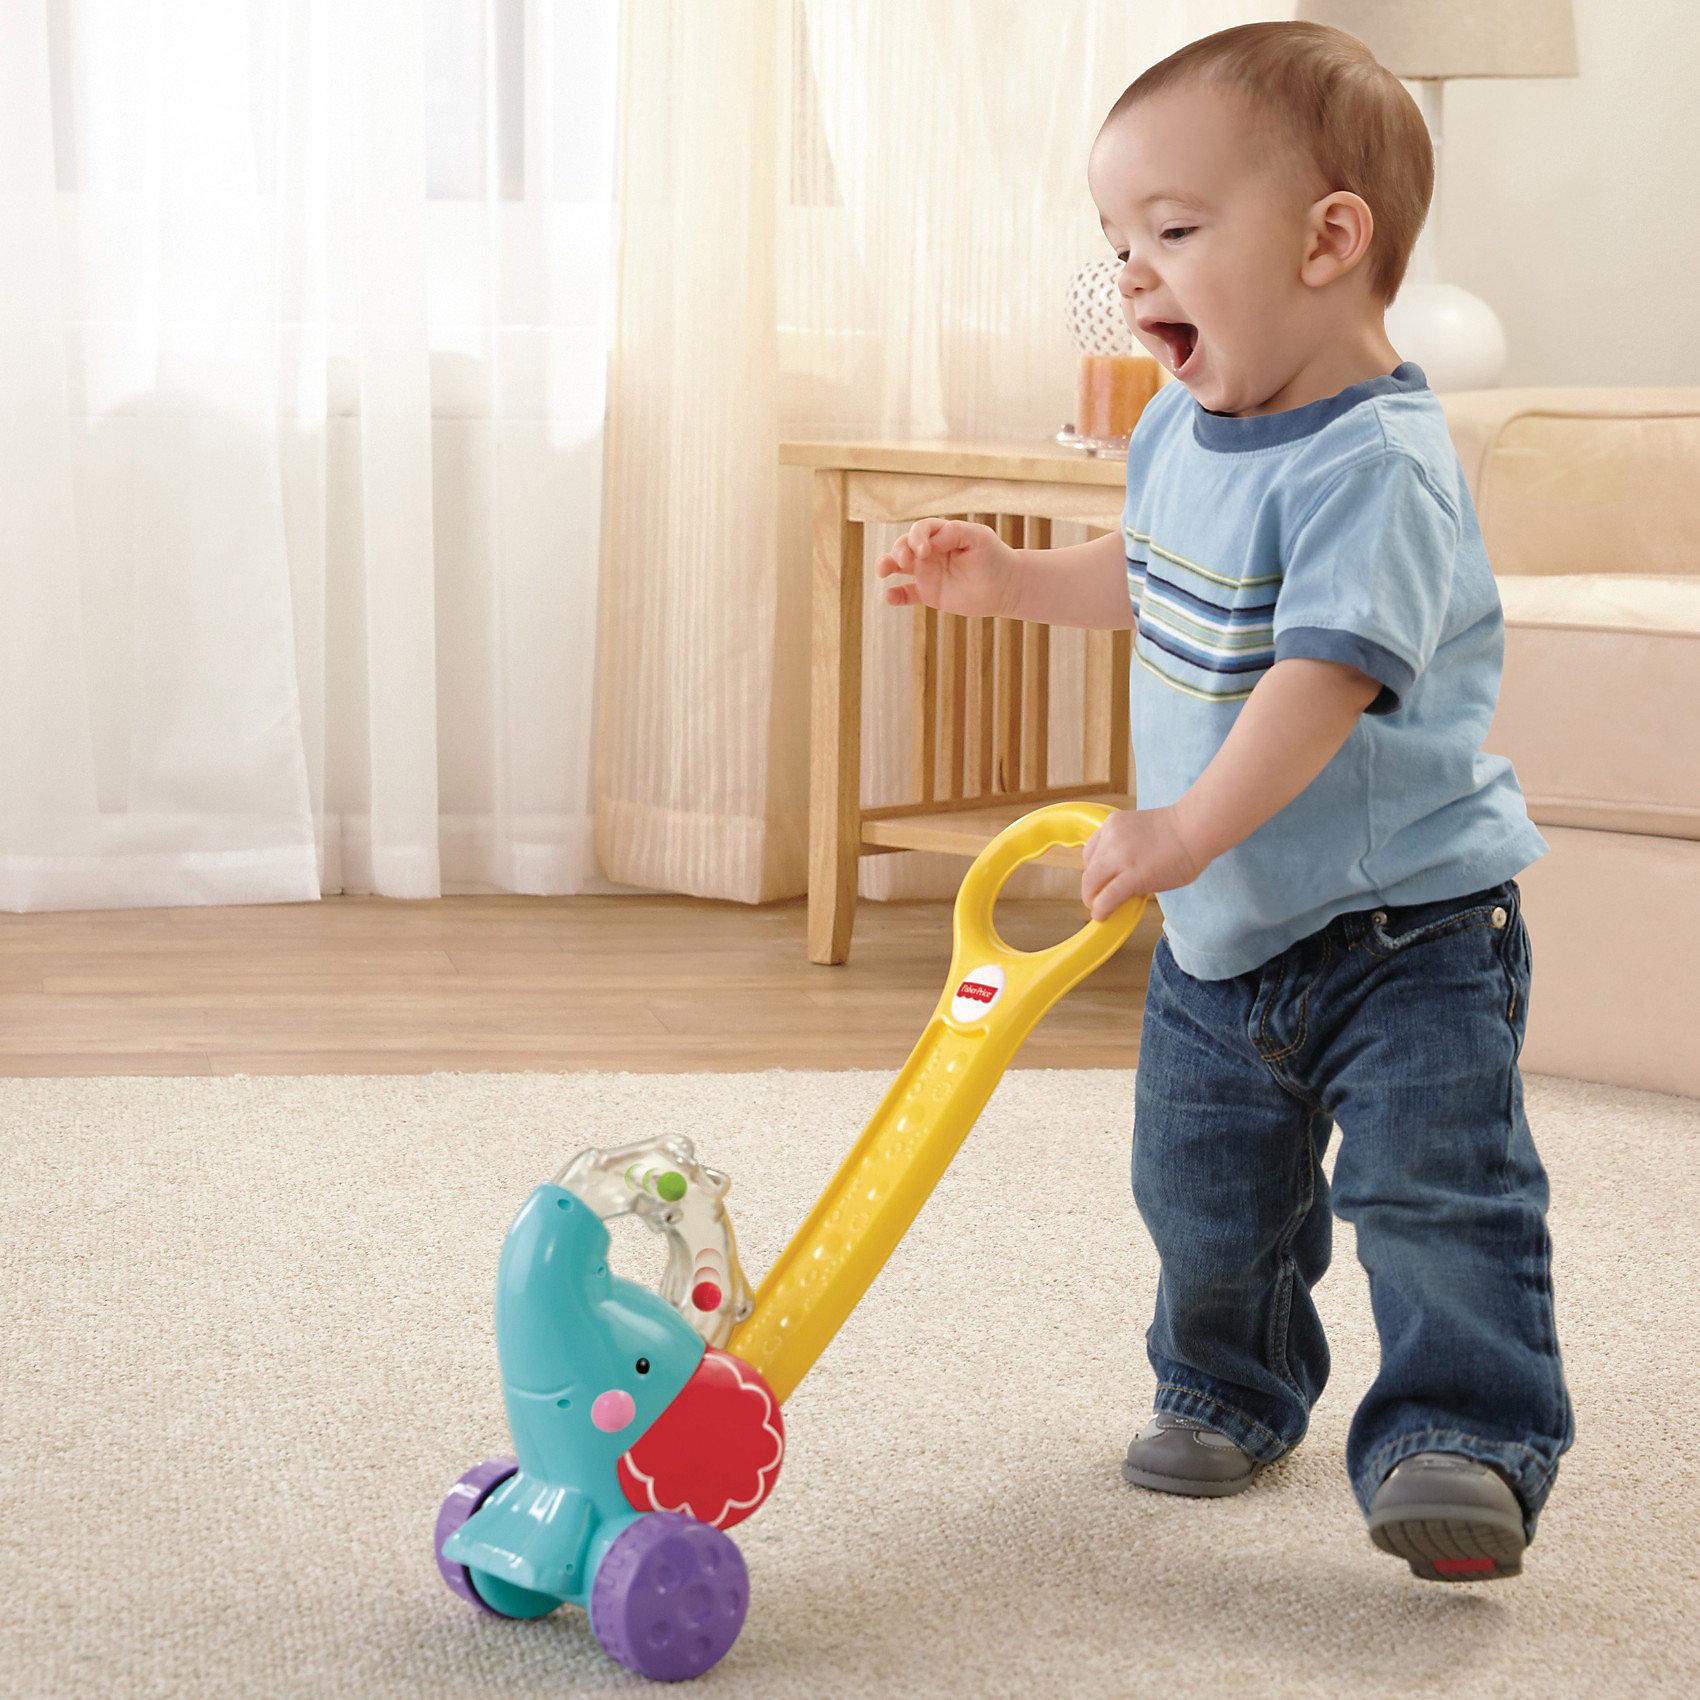 Игрушка-каталка Слоник, Fisher-priceИгрушки-каталки<br>Игрушка-каталка Слоник, Fisher-price (Фишер-Прайс) это красочная развивающих игрушка, которая обязательно привлечет внимание Вашего малыша. Каталка выполнена в виде забавного<br>красочного слоненка с сюрпризом: когда малыш толкает слоненка вперед, из его прозрачного хобота начинают выпрыгивать цветные шарики, это продолжается все время, пока слоненок находится в движении. Подталкивает игрушку за удобную ручку малыш развивает навык поддержания равновесия и координацию движений. В комплект входят 3 ярких шарика.<br><br>Дополнительная информация:<br><br>- Материал: пластик.<br>- Высота ручки-толкателя: 45 см.<br>- Размер упаковки: 29 х 14 х 36 см.<br>- Вес: 2 кг. <br><br>Игрушка способствует развитию двигательной активности, звукового и цветового восприятия, координации движений и мелкой моторики рук.<br><br>Игрушку-каталку Слоник, Fisher-price можно купить в нашем интернет-магазине.<br><br>Ширина мм: 359<br>Глубина мм: 294<br>Высота мм: 144<br>Вес г: 698<br>Возраст от месяцев: 12<br>Возраст до месяцев: 36<br>Пол: Унисекс<br>Возраст: Детский<br>SKU: 3399170